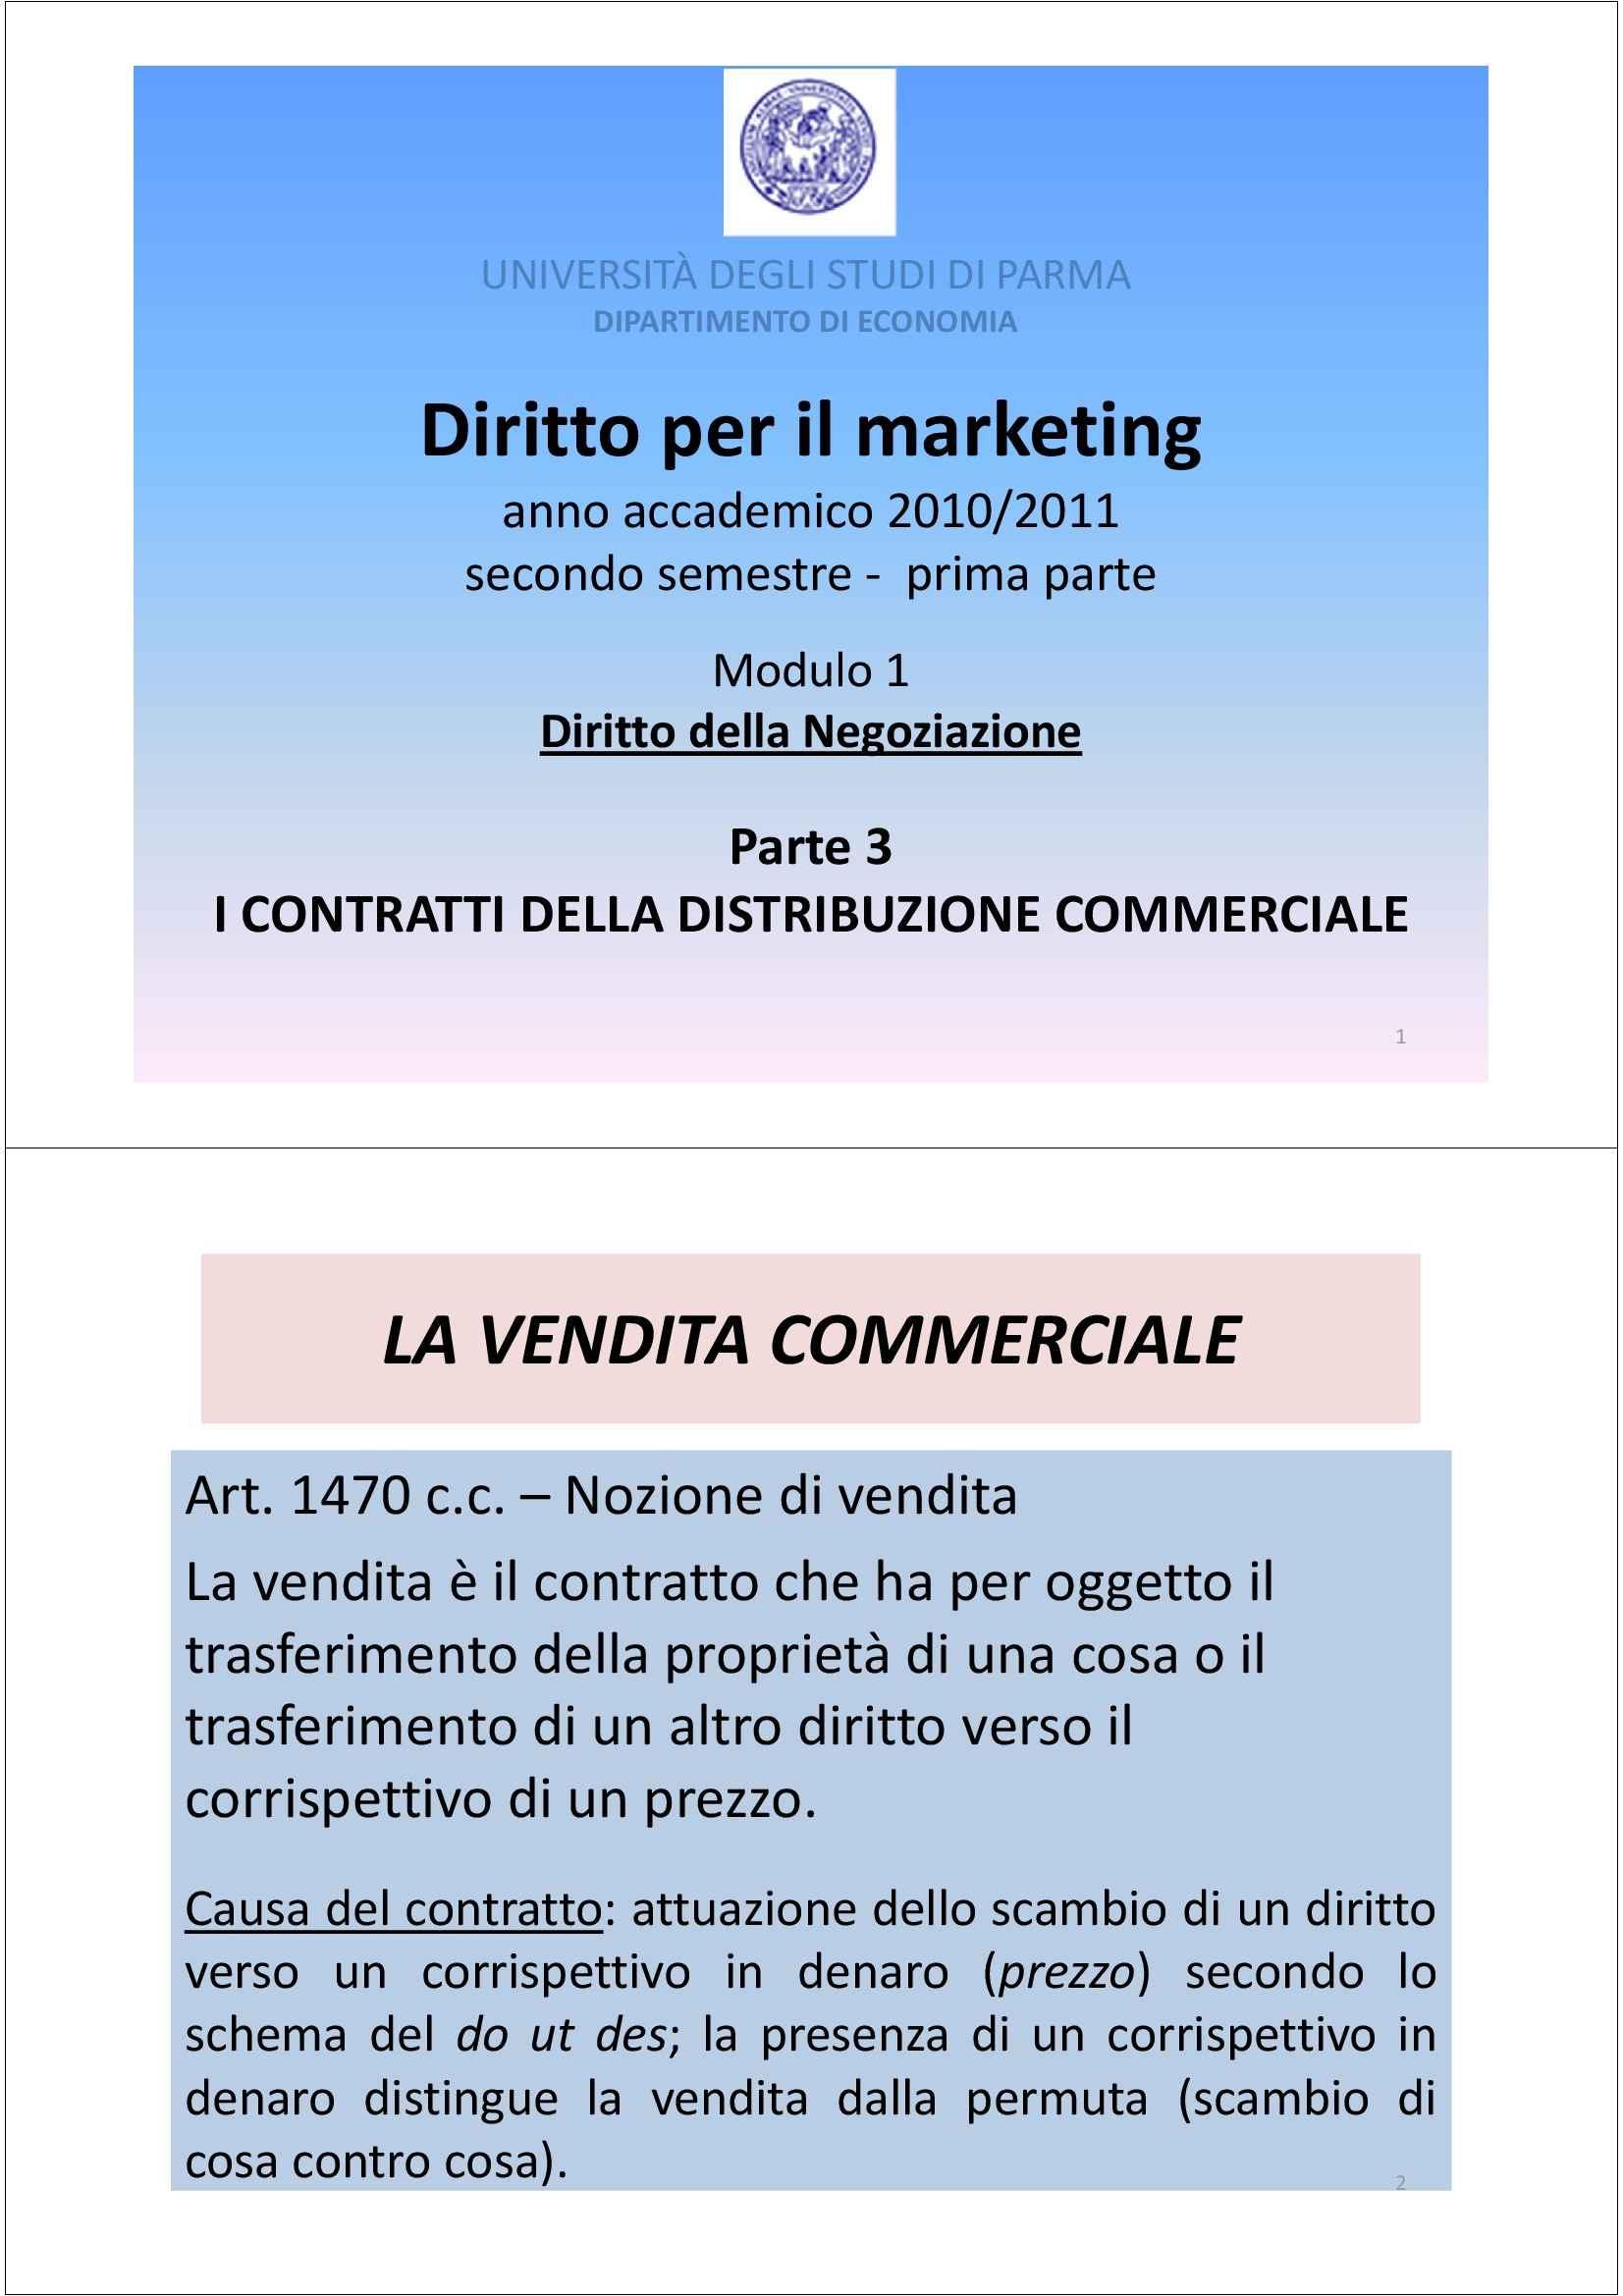 Diritto per il marketing - il diritto della negoziazione